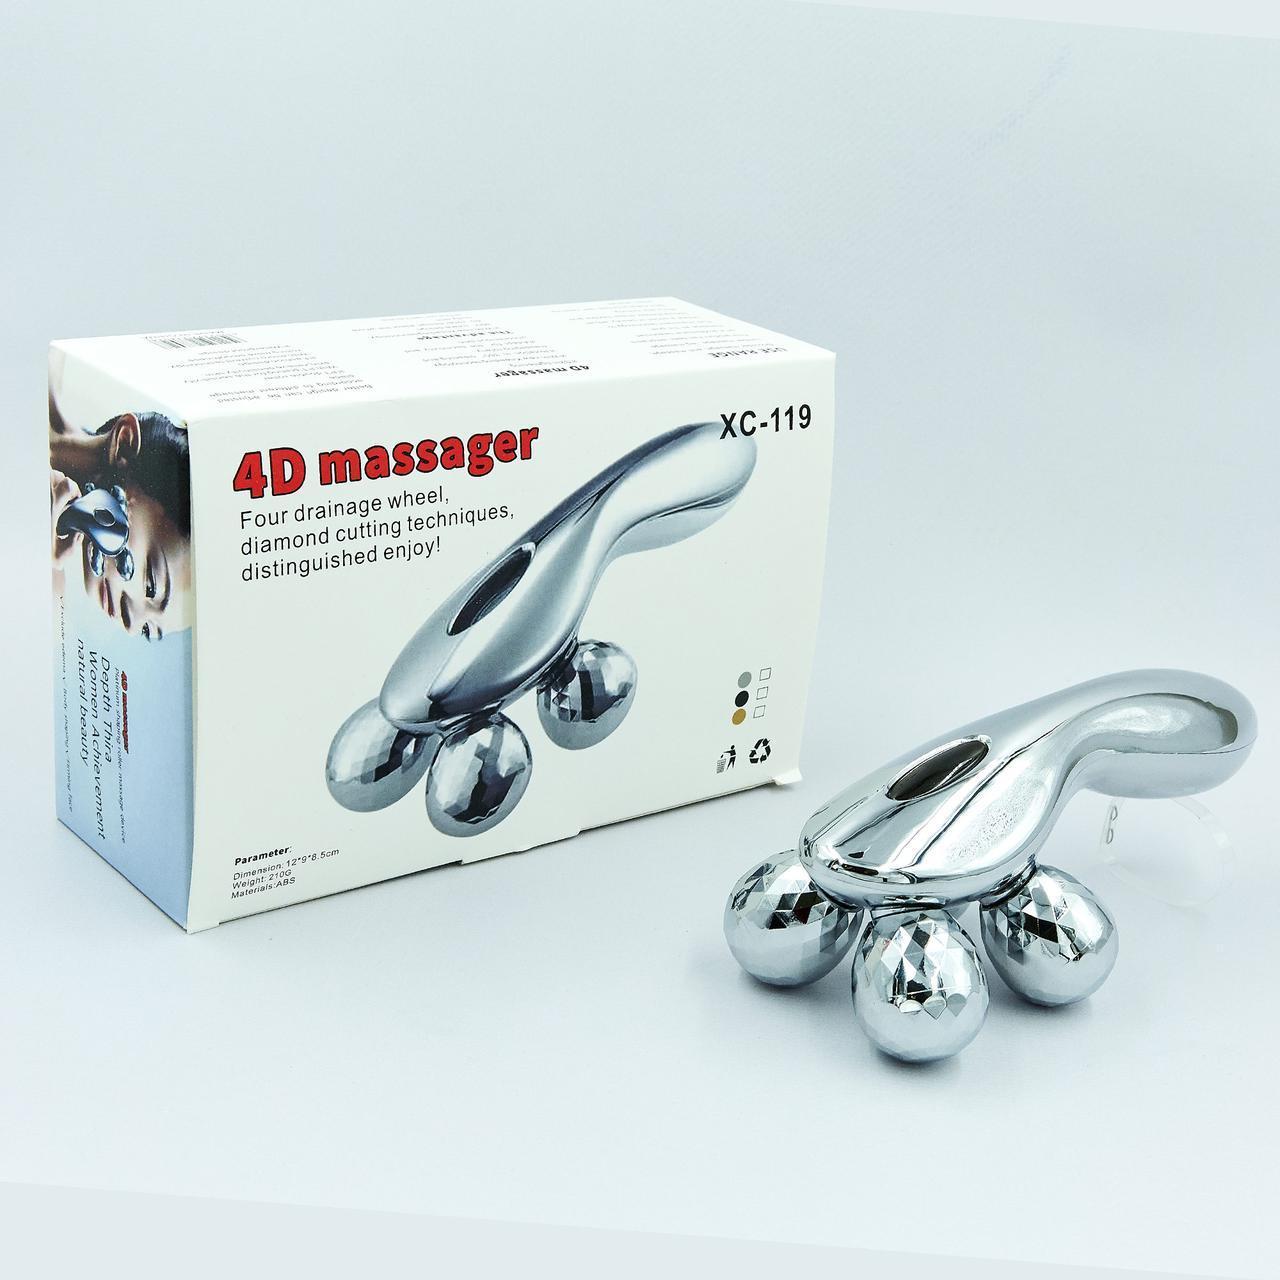 Массажер ручной роликовый 4D Massager 4 массажных шарика универсальный